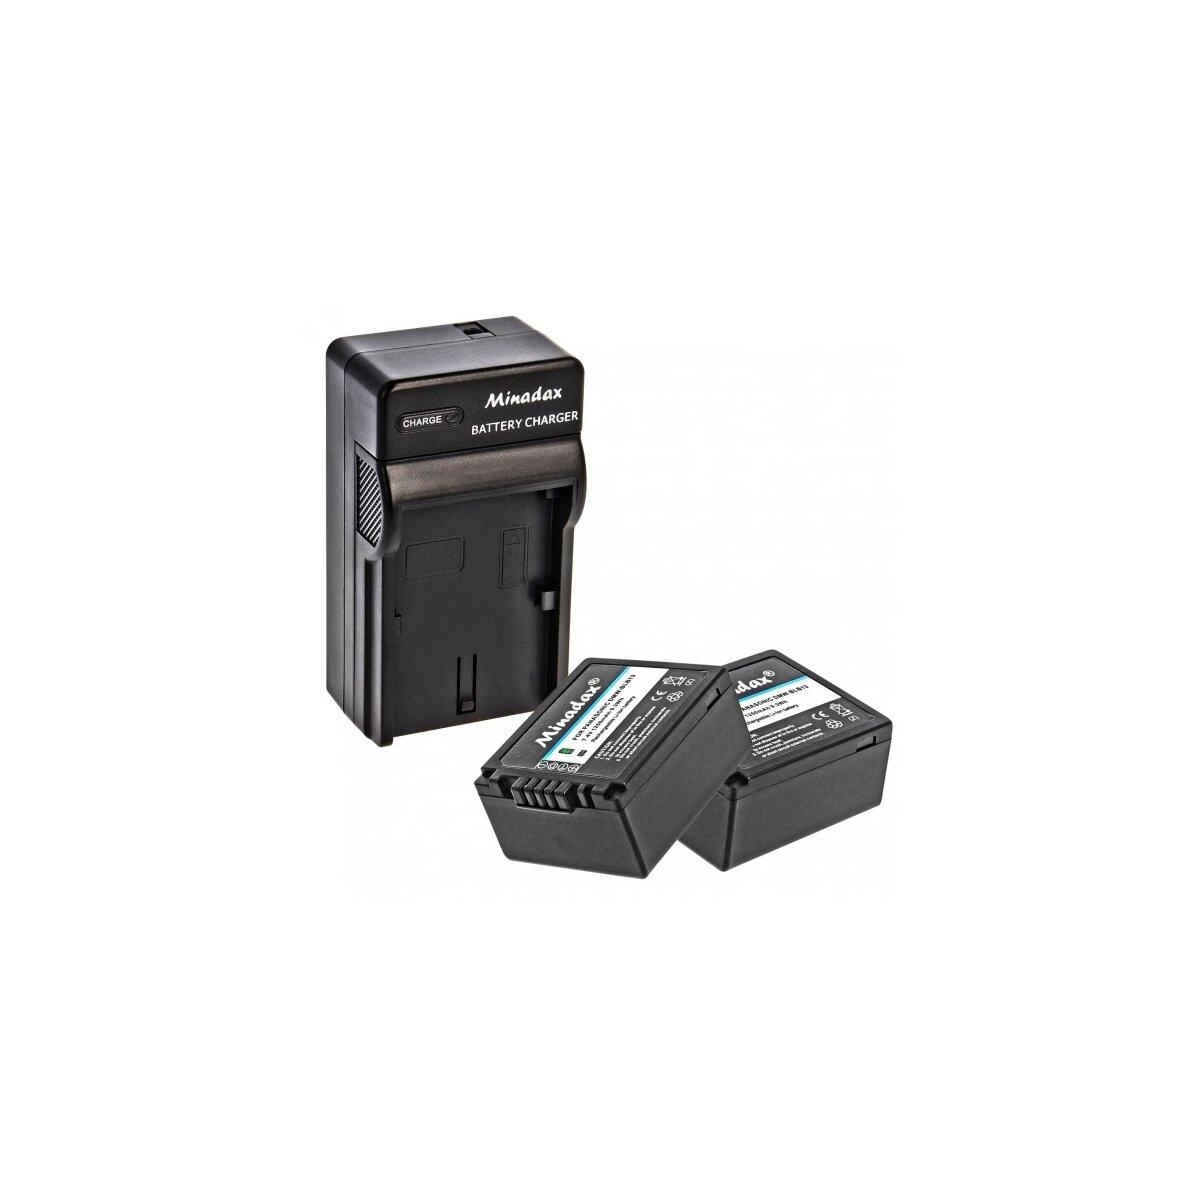 Minadax® Ladegeraet 100% kompatibel fuer Panasonic DMW-BLB13 inkl. Auto Ladekabel, Ladeschale austauschbar + 2x Akku wie DMW-BLB13